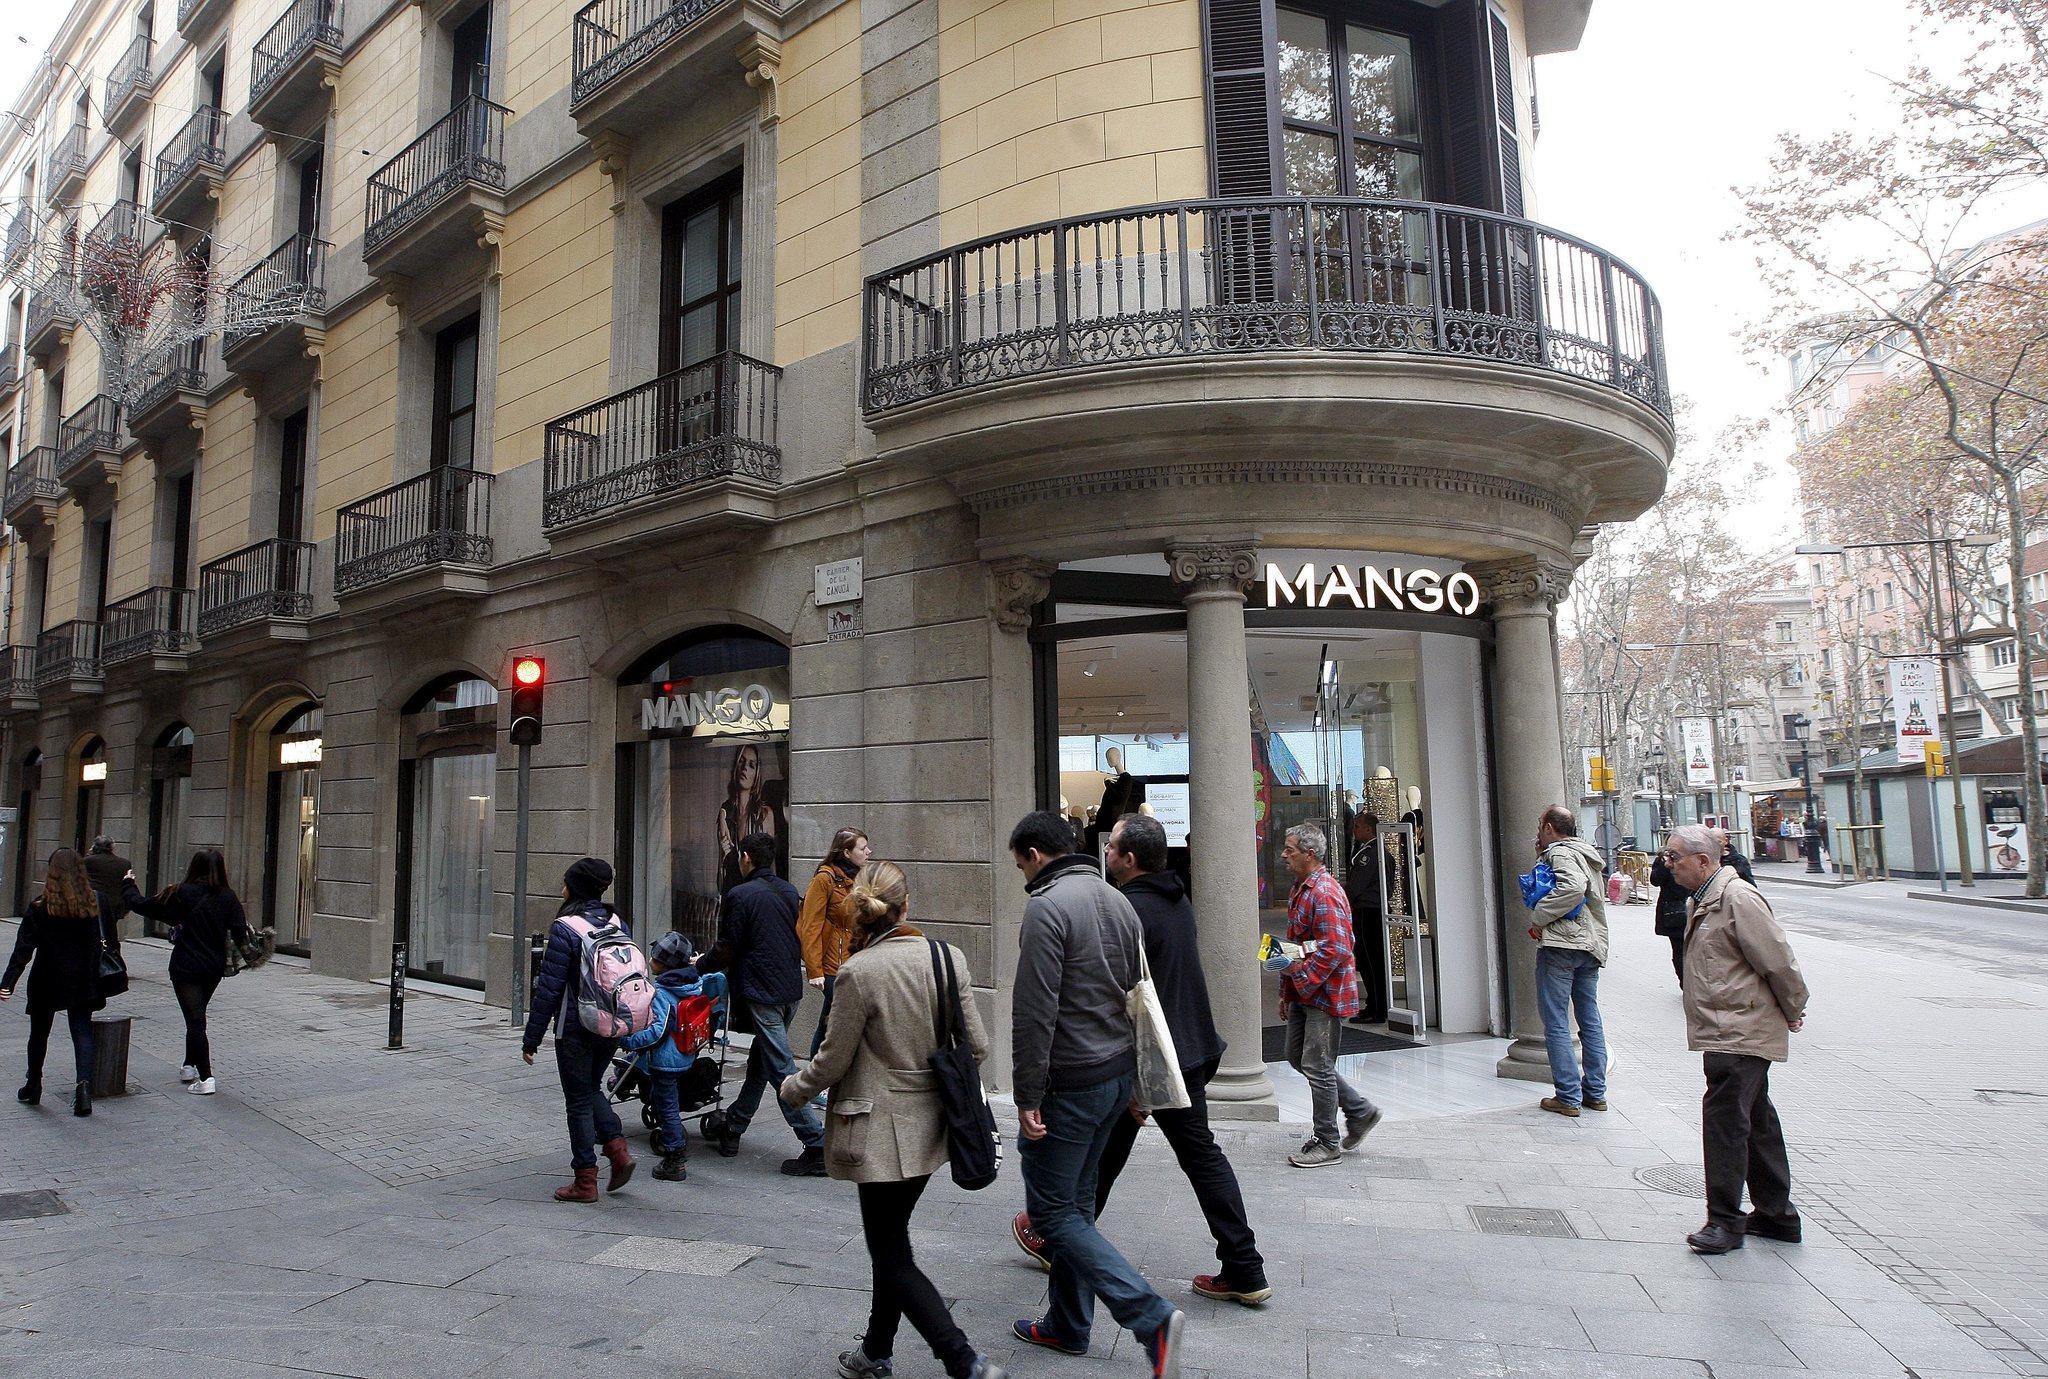 Tienda de Mango en pleno centro de la ciudad condal de Barcelona.